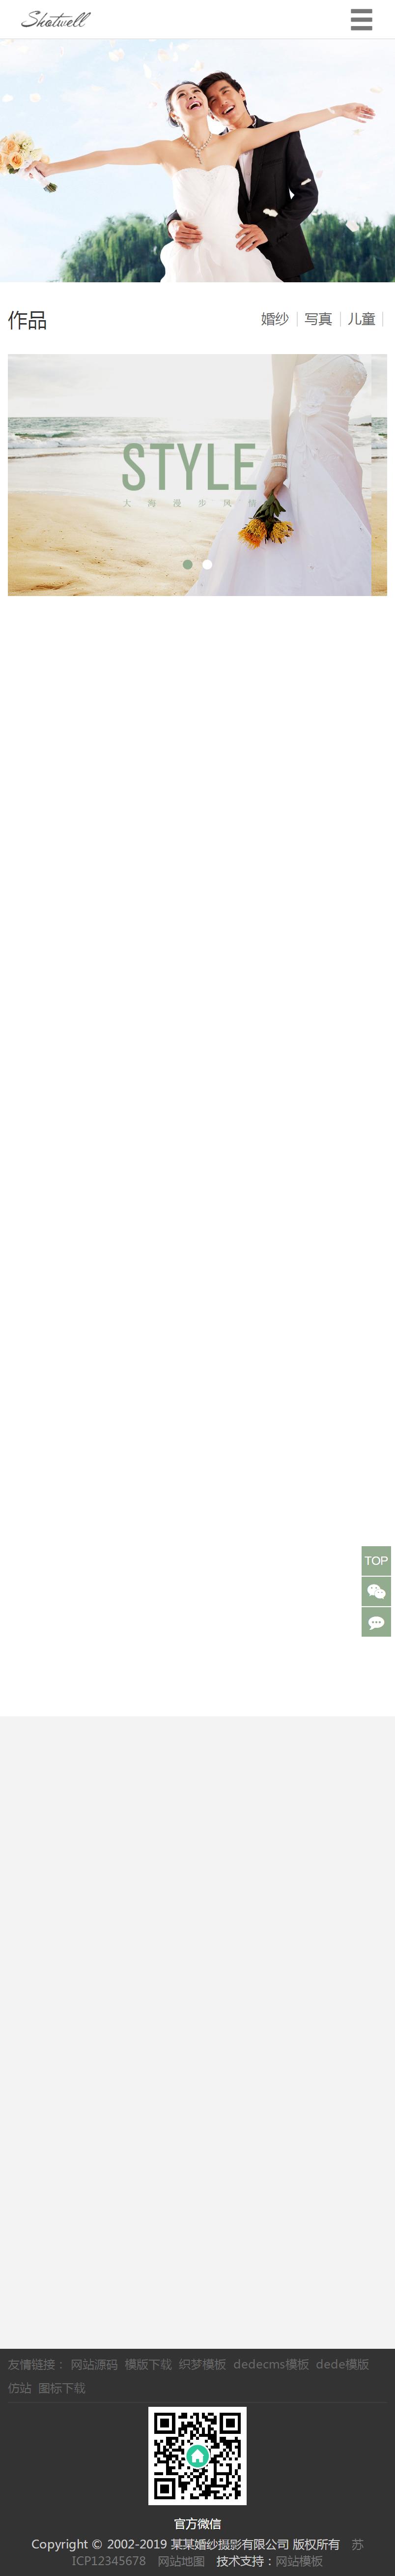 织梦婚纱摄影网站模板